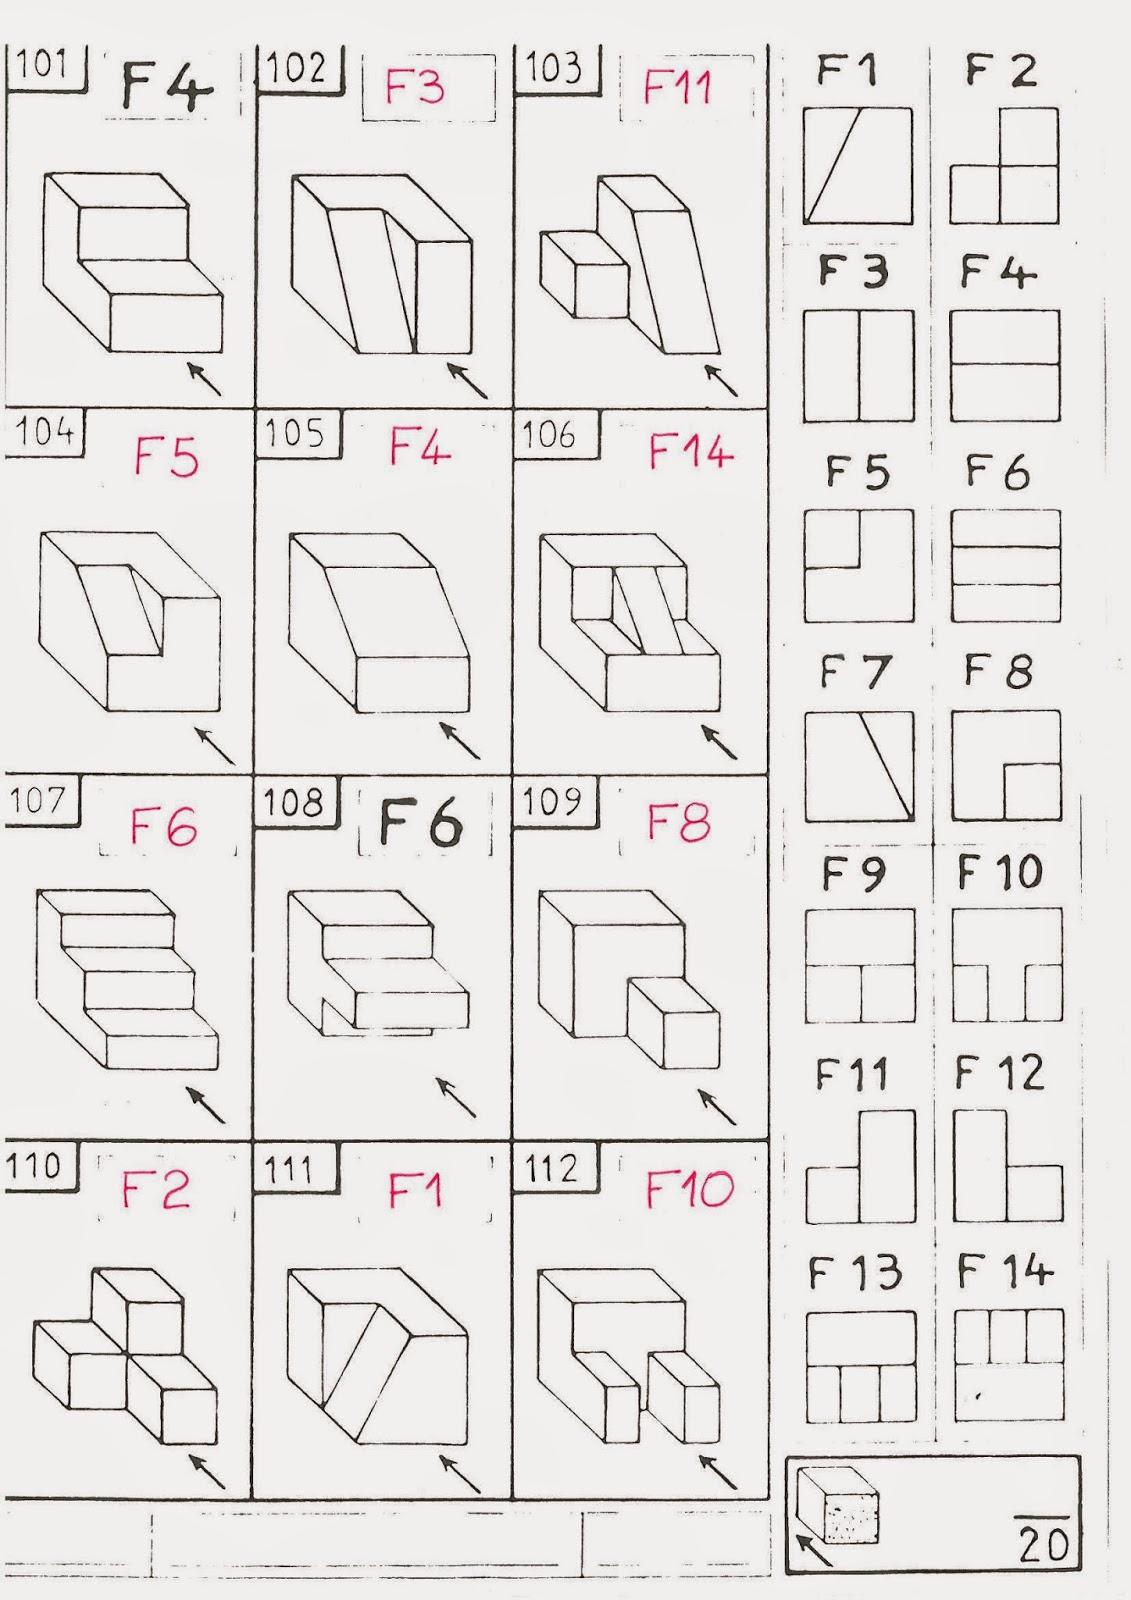 exercice dessin industriel vues. Black Bedroom Furniture Sets. Home Design Ideas